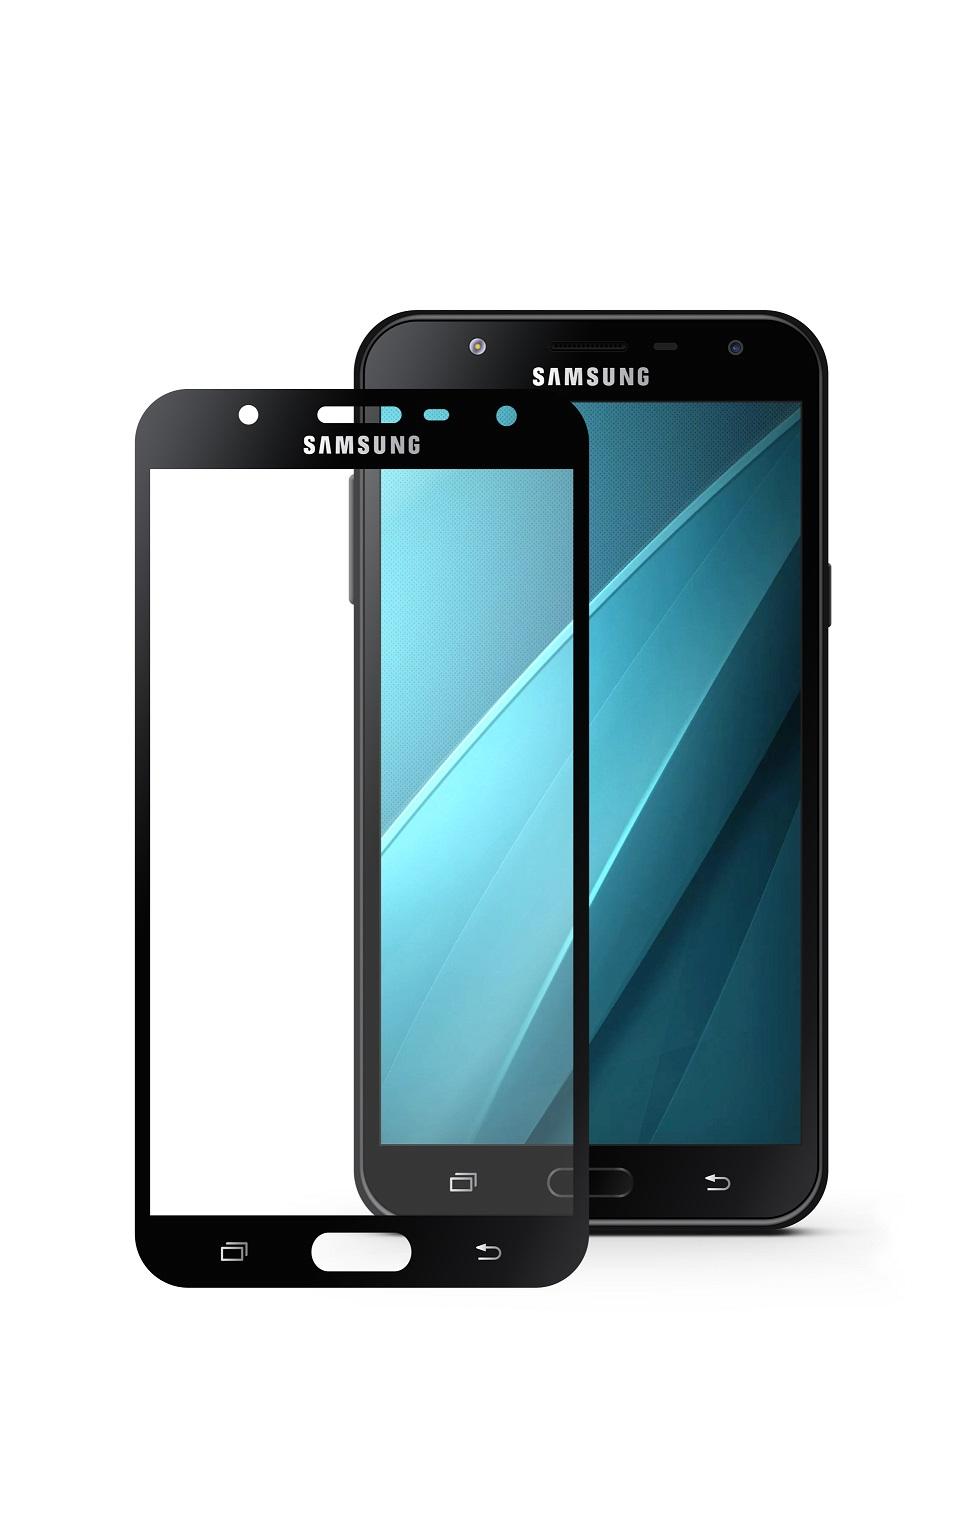 Защитное стекло Mobius Samsung J7 Neo, черный аксессуар защитное стекло для samsung galaxy j7 2017 mobius 3d full cover black